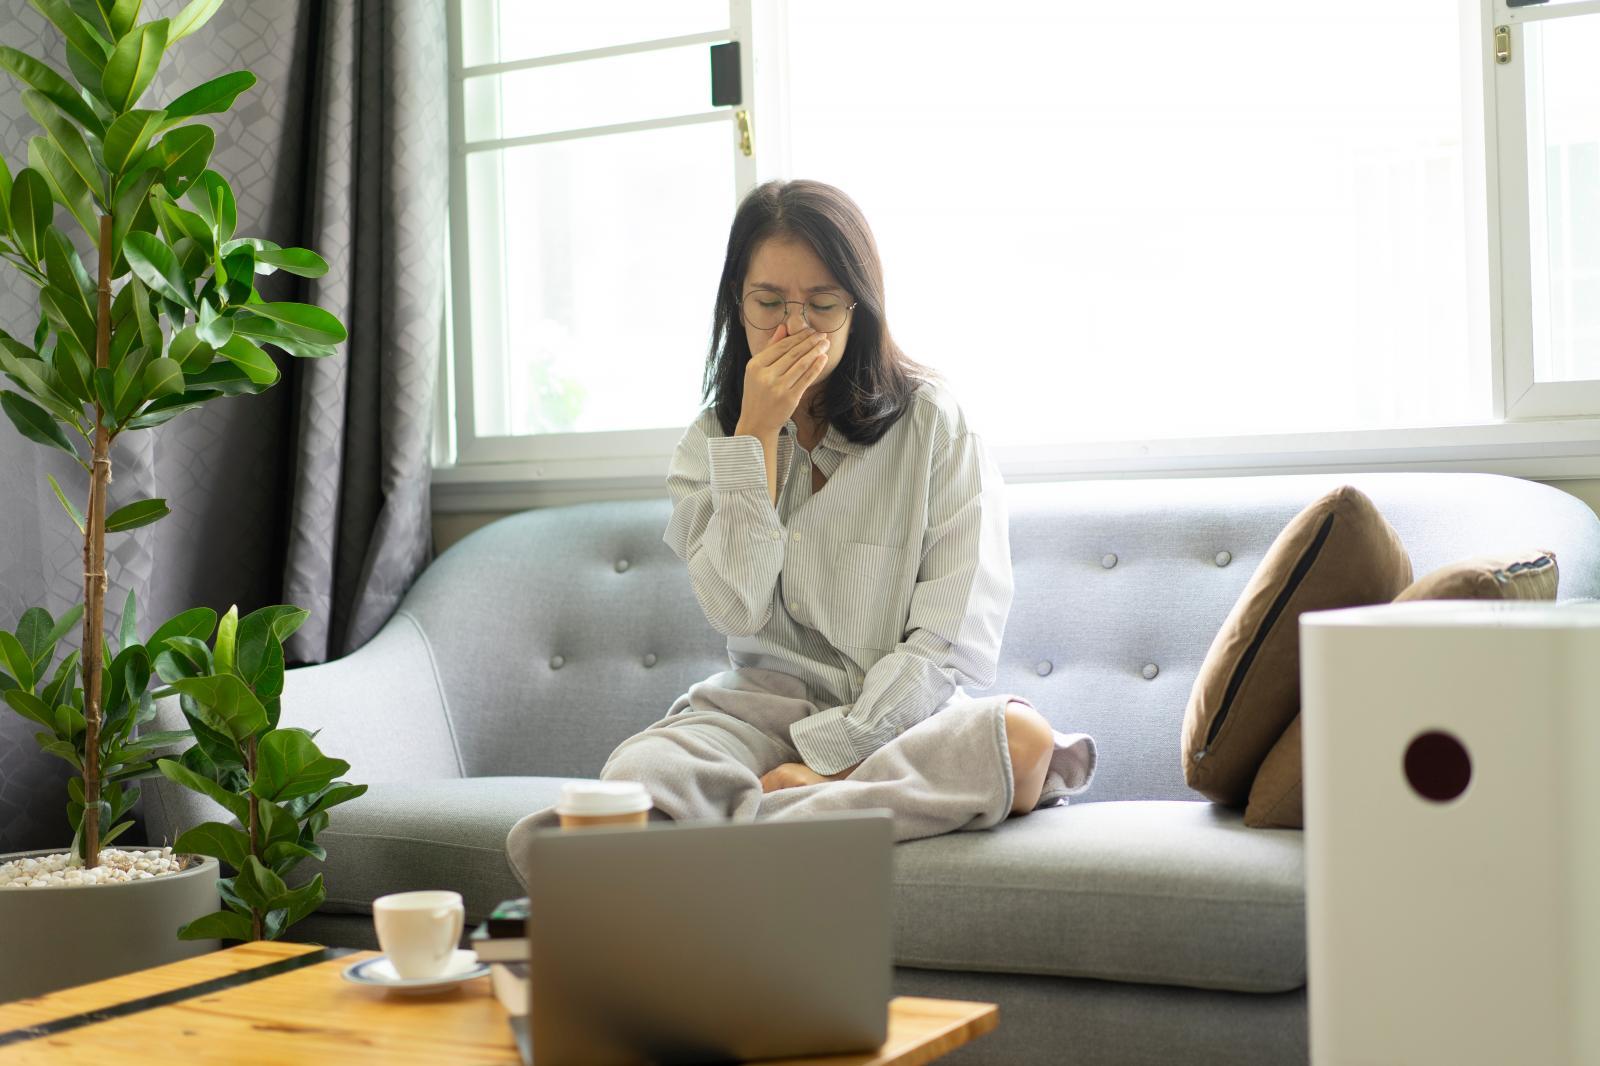 cô gái đang bịt mũi vì ô nhiễm không khí trong nhà